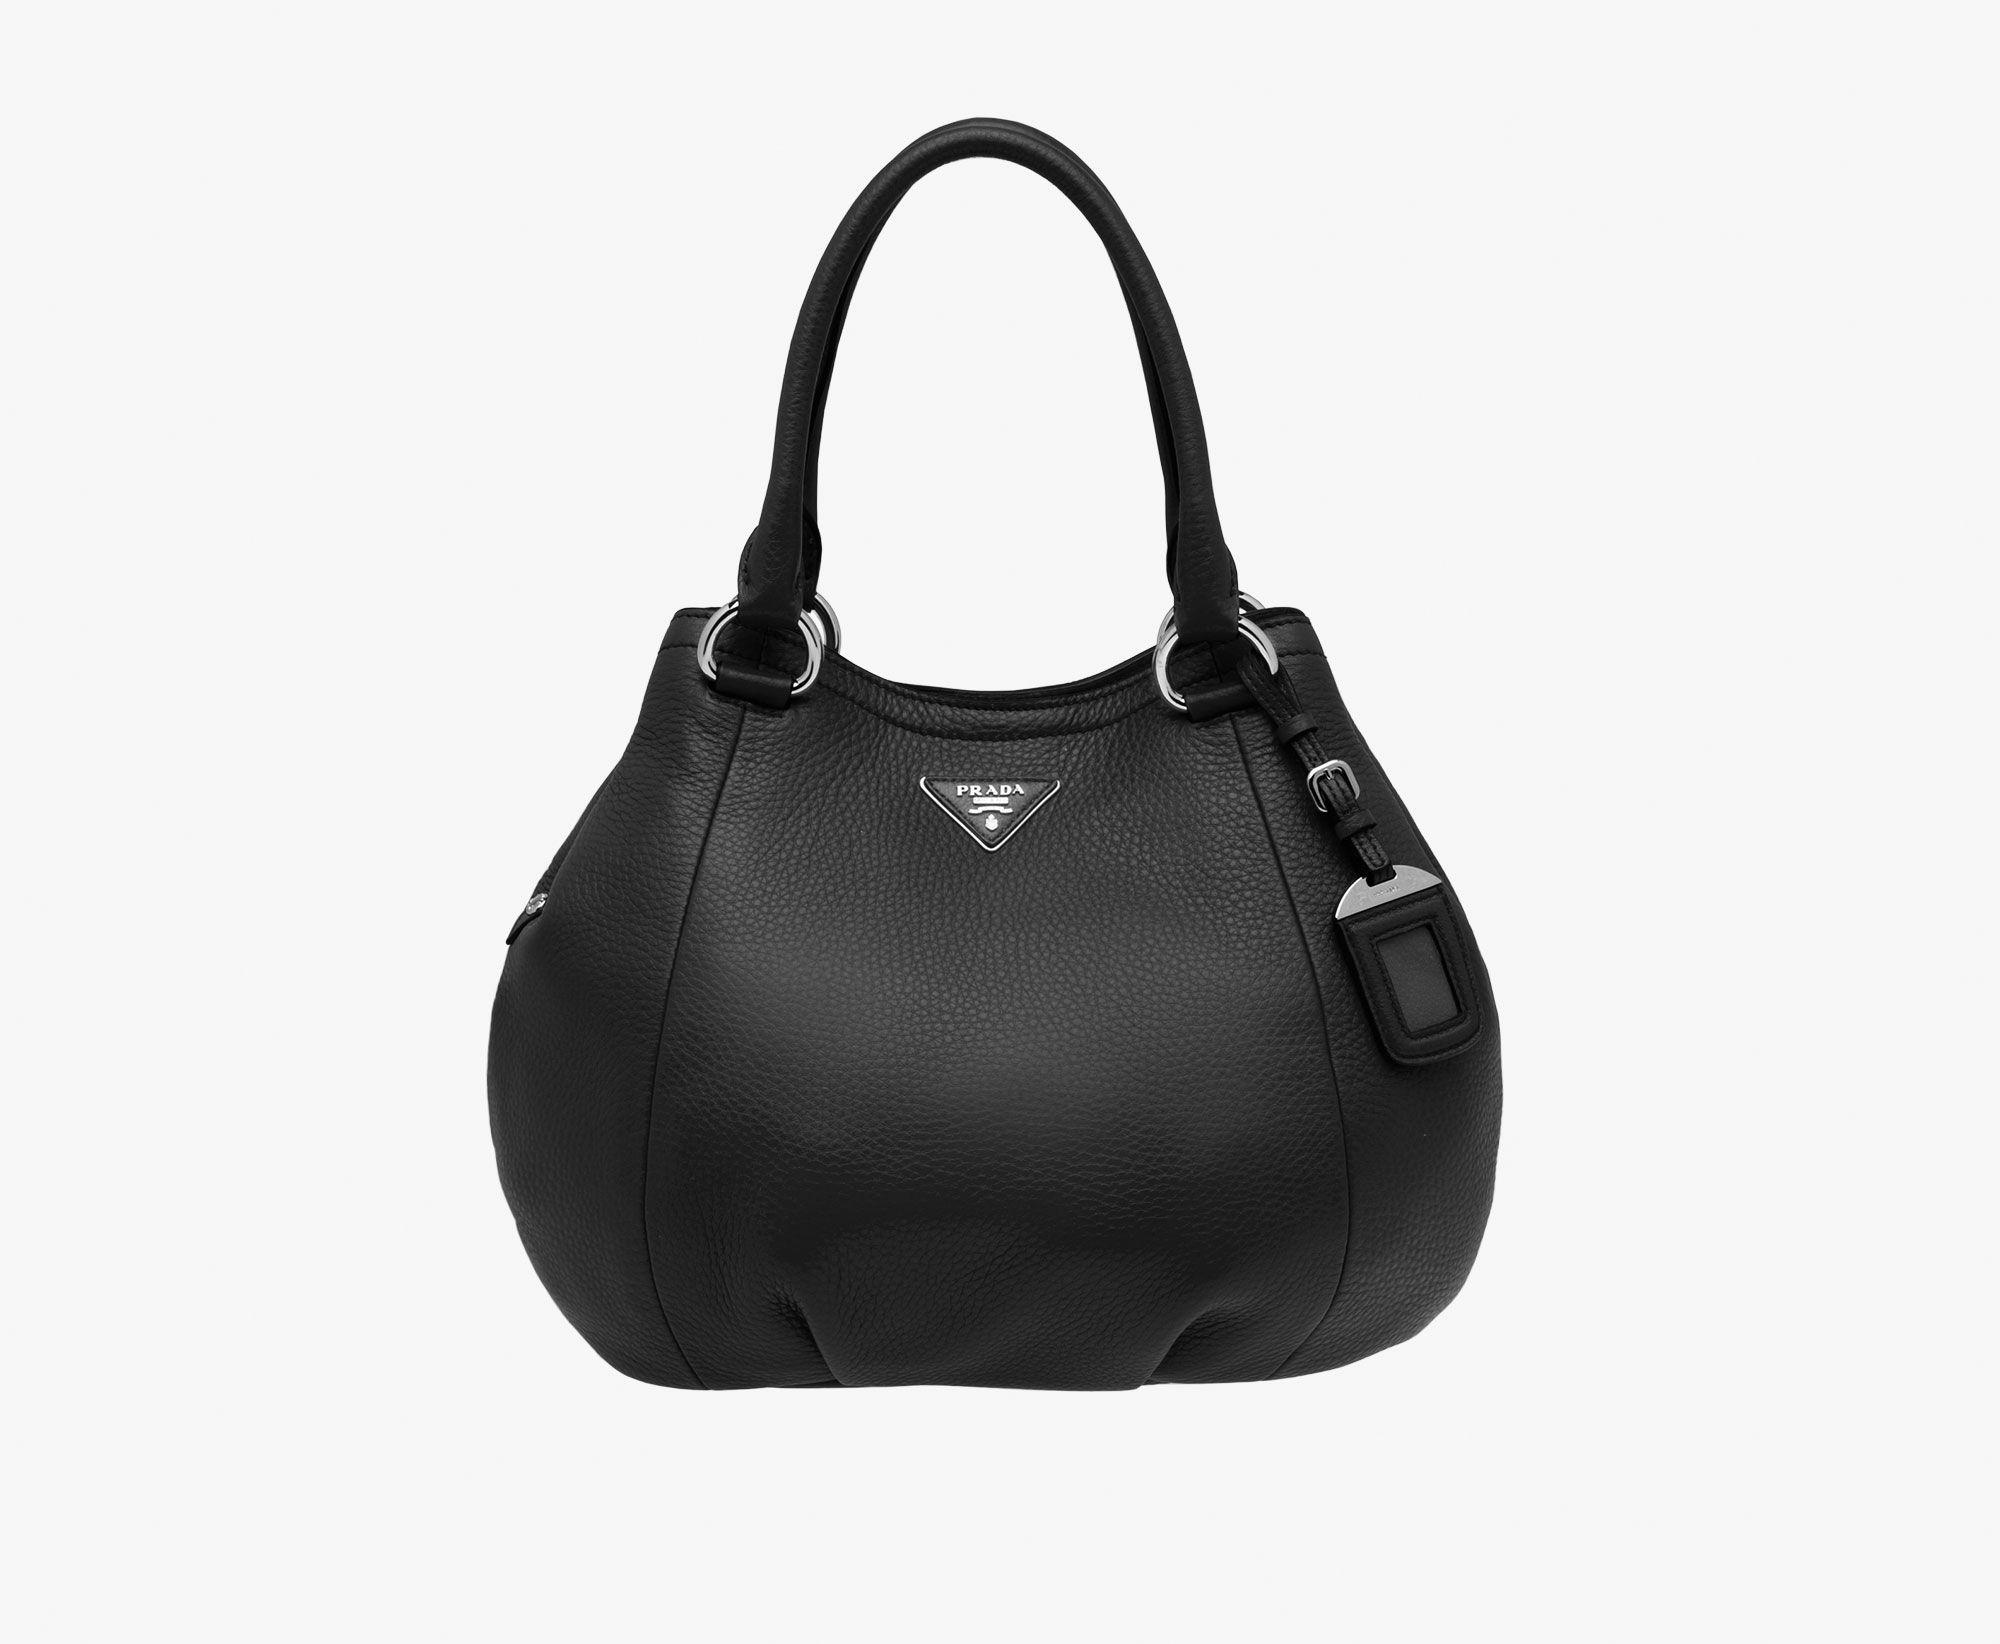 handbags salvatore ferragamo top handle bags two handles zip closure ... f86d5e4166683